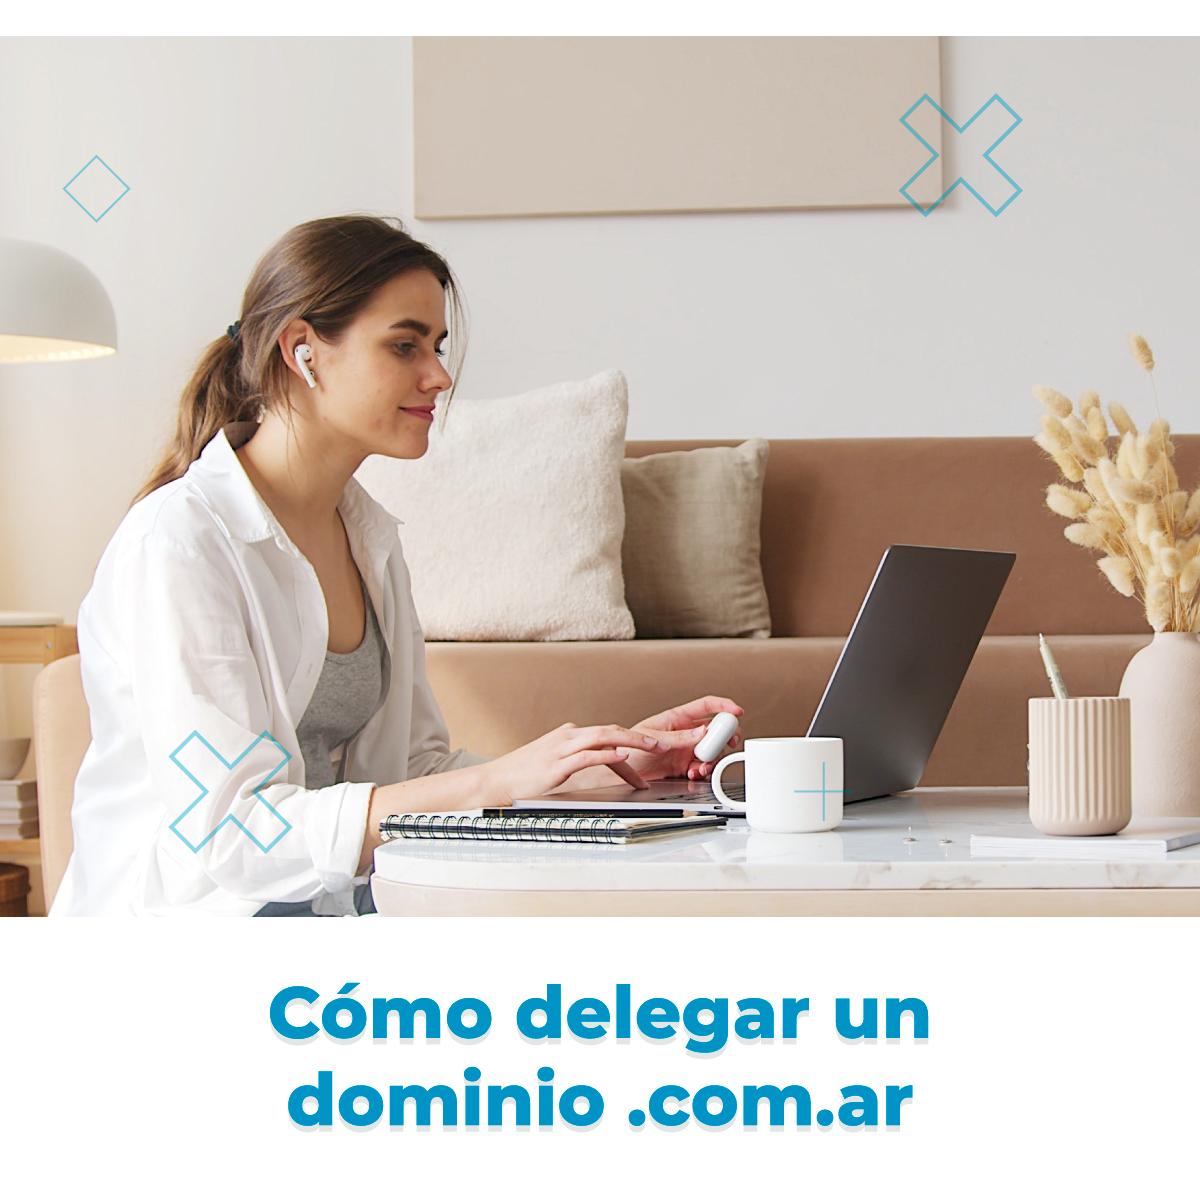 Cómo hacer la delegación de dominio .COM.AR